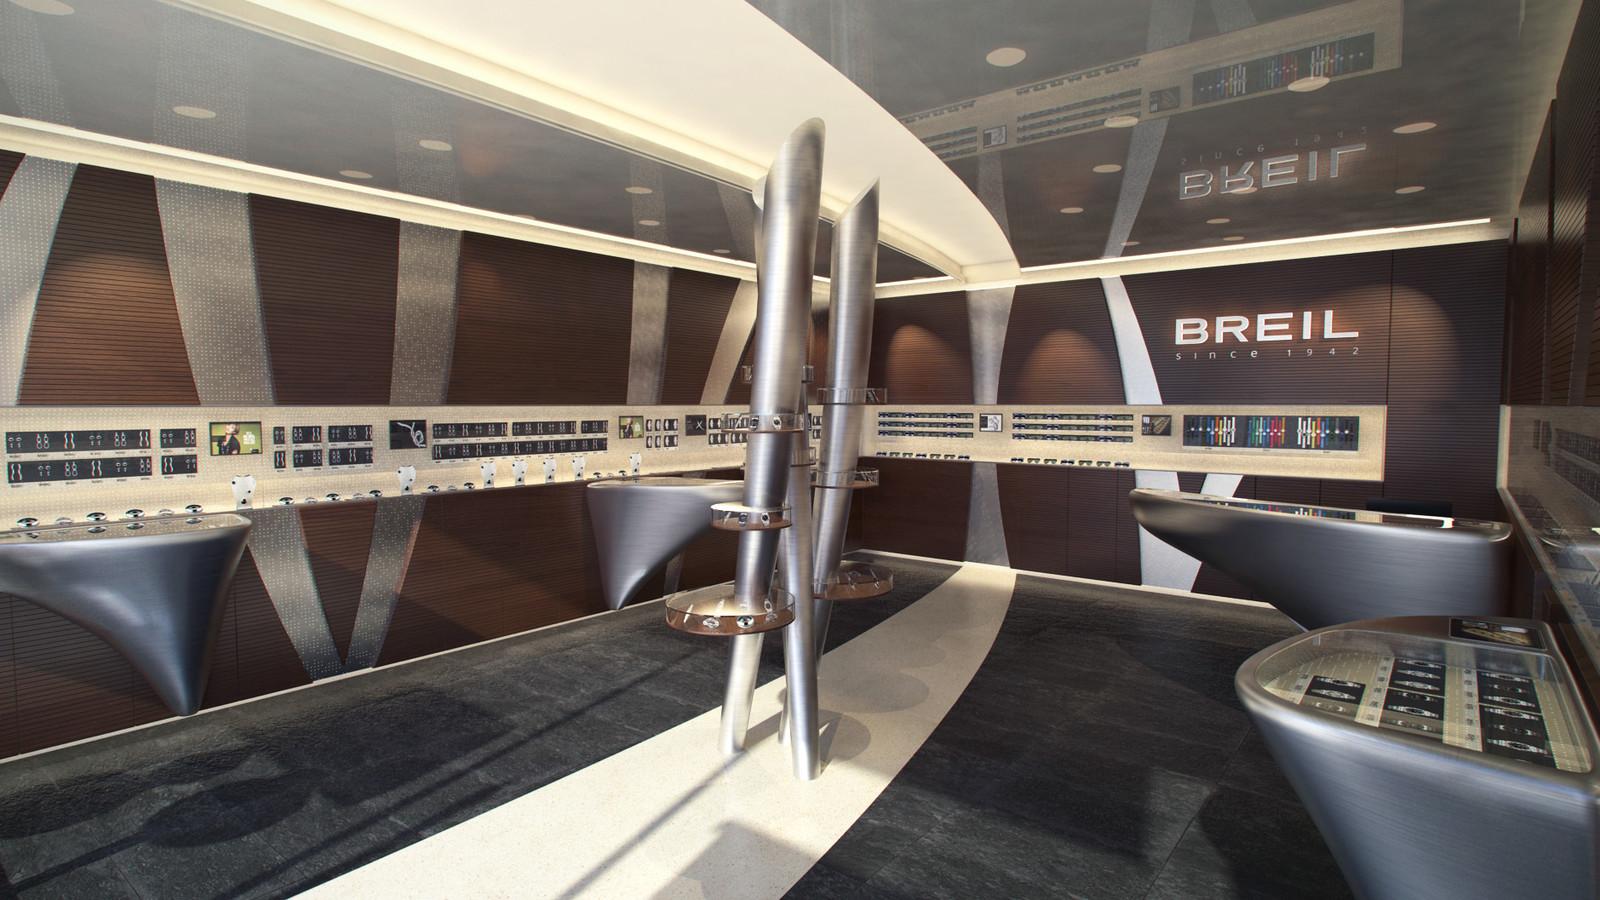 Breil Retail Store, sirst iteration